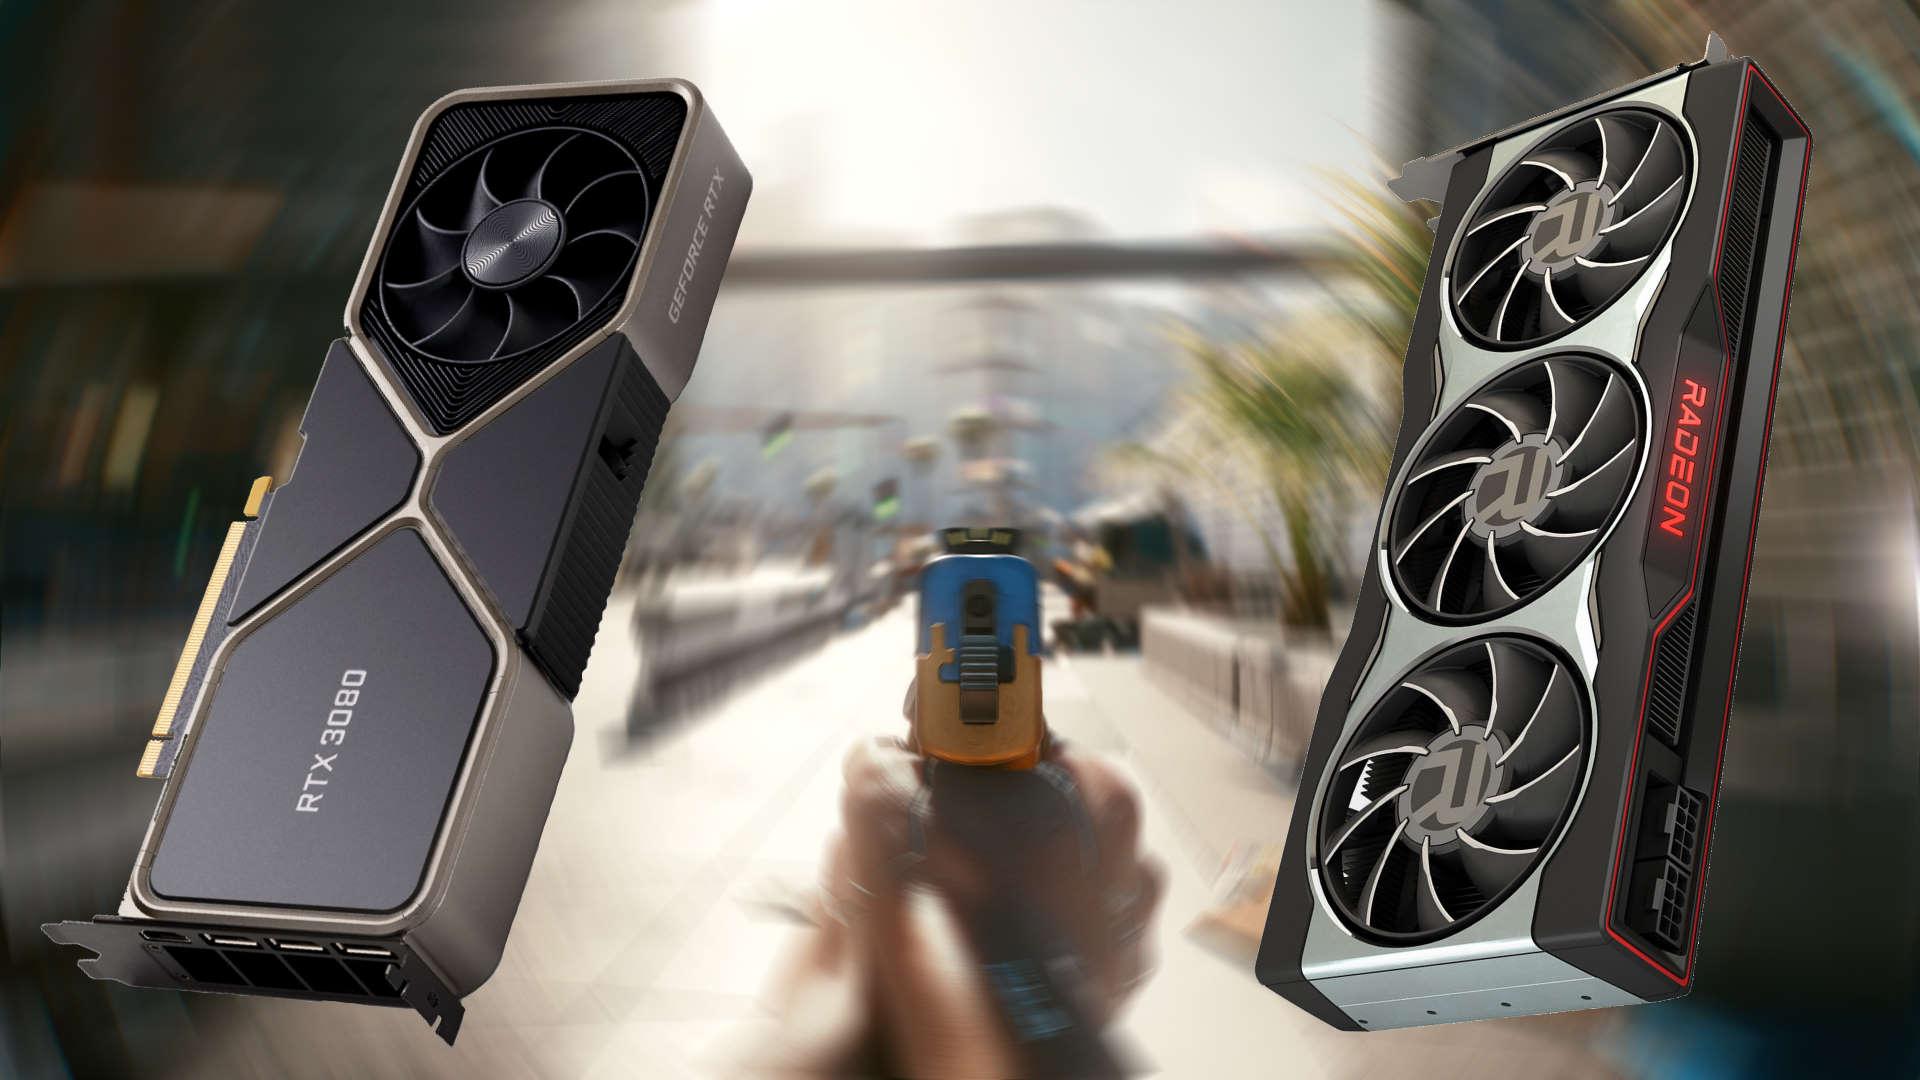 Cyberpunk 2077 GPU performance: AMD RX 6800 XT vs. Nvidia RTX 3080